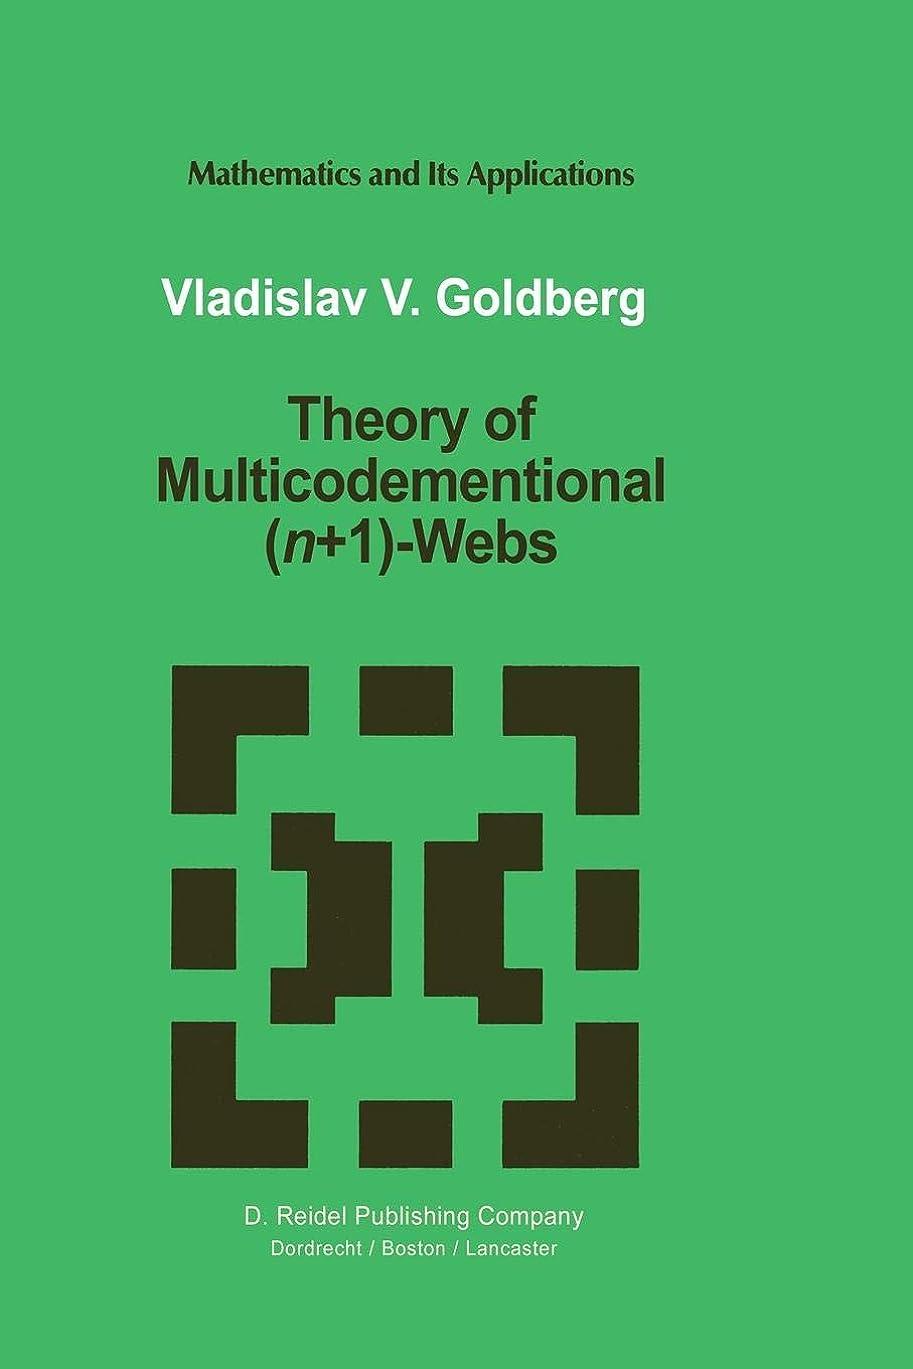 町マイクロプロセッサ迫害Theory of Multicodimensional (n+1)-Webs (Mathematics and Its Applications)